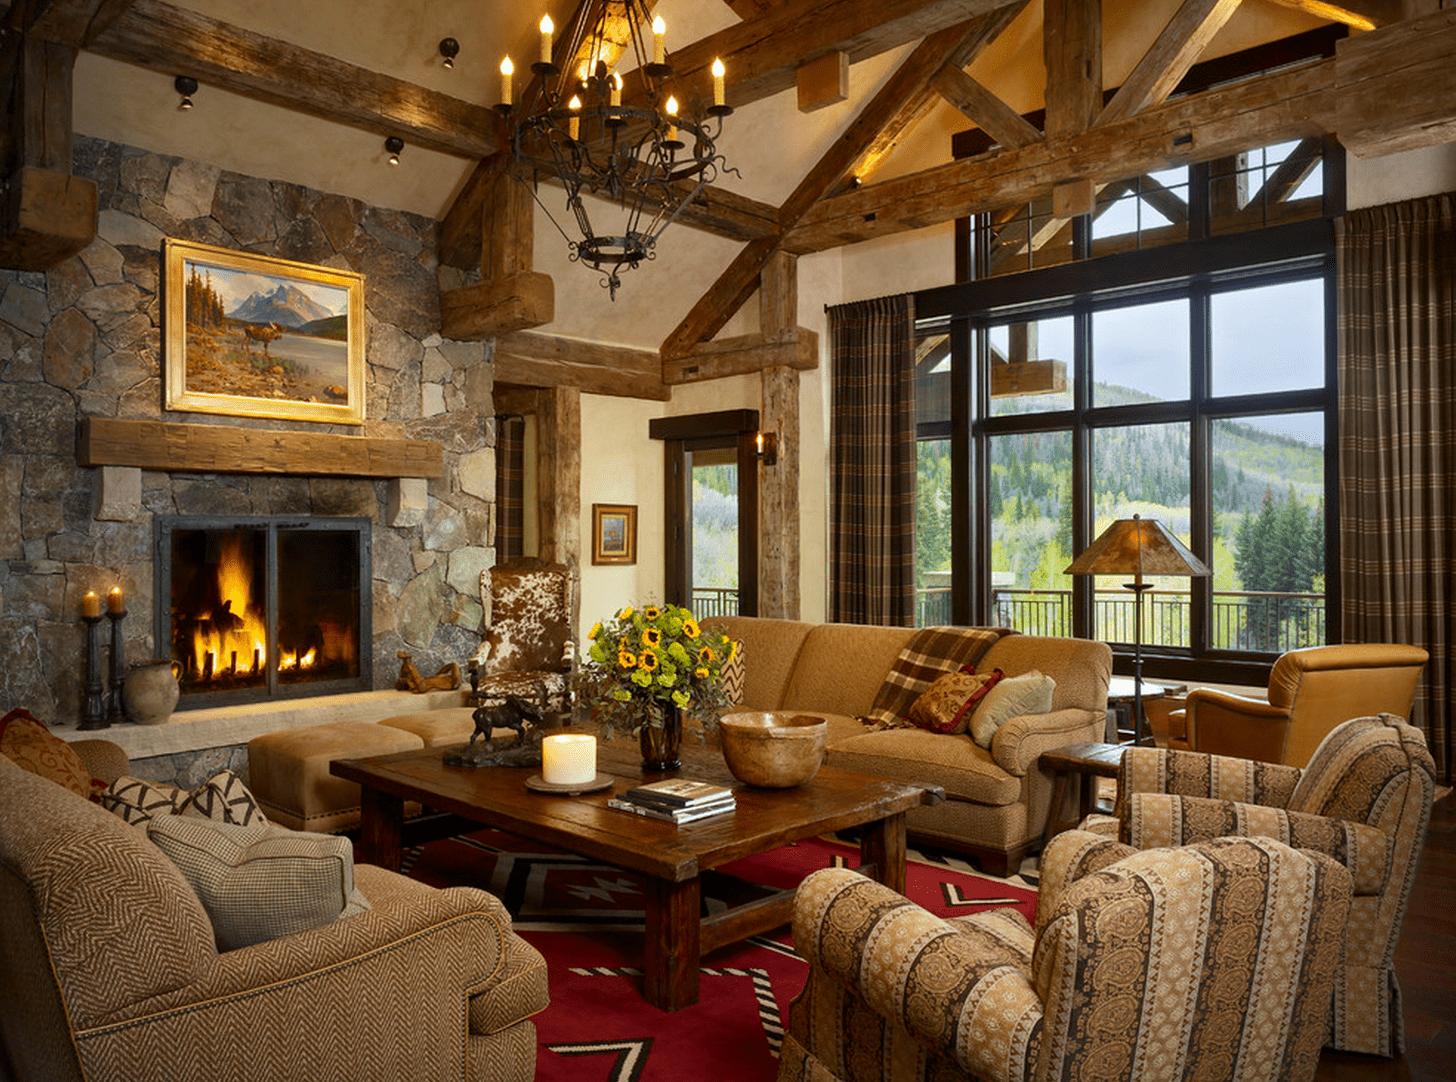 21 cozy living room design ideas - Fireplace Photos Interior Design